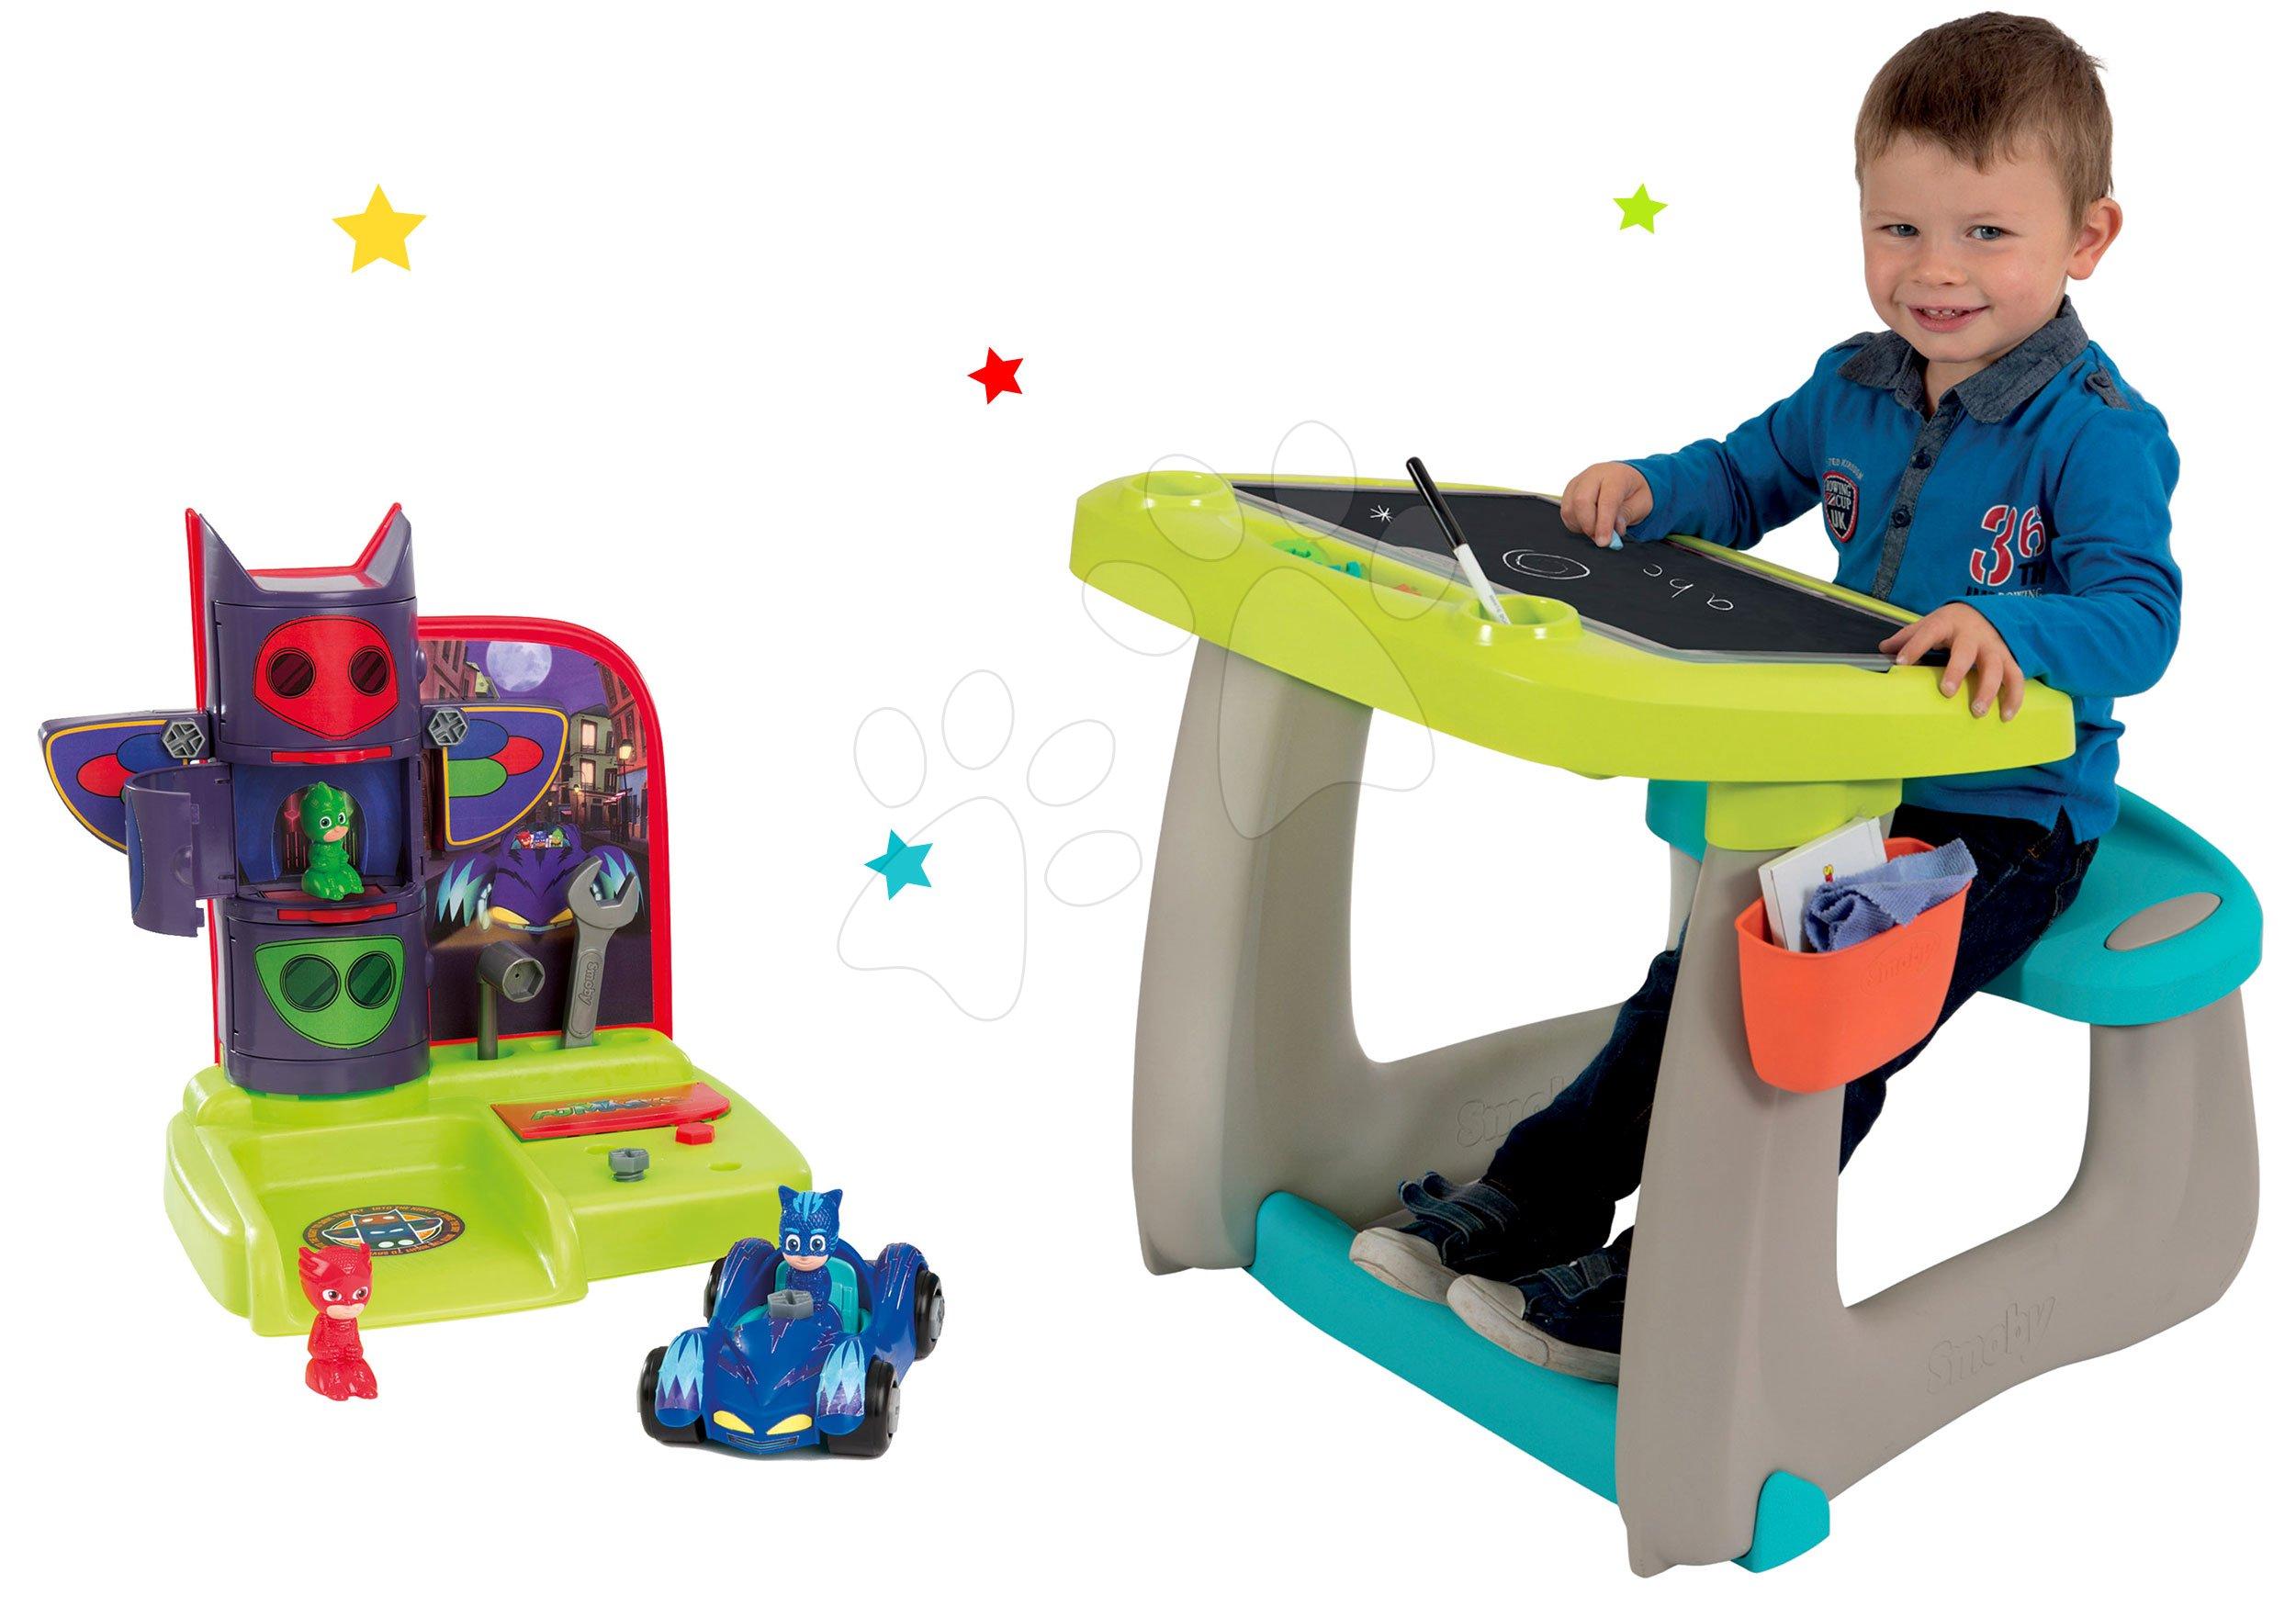 Smoby set detská lavica s obojstrannou tabuľou Activity a pracovné náradie PJ Masks 420101-4